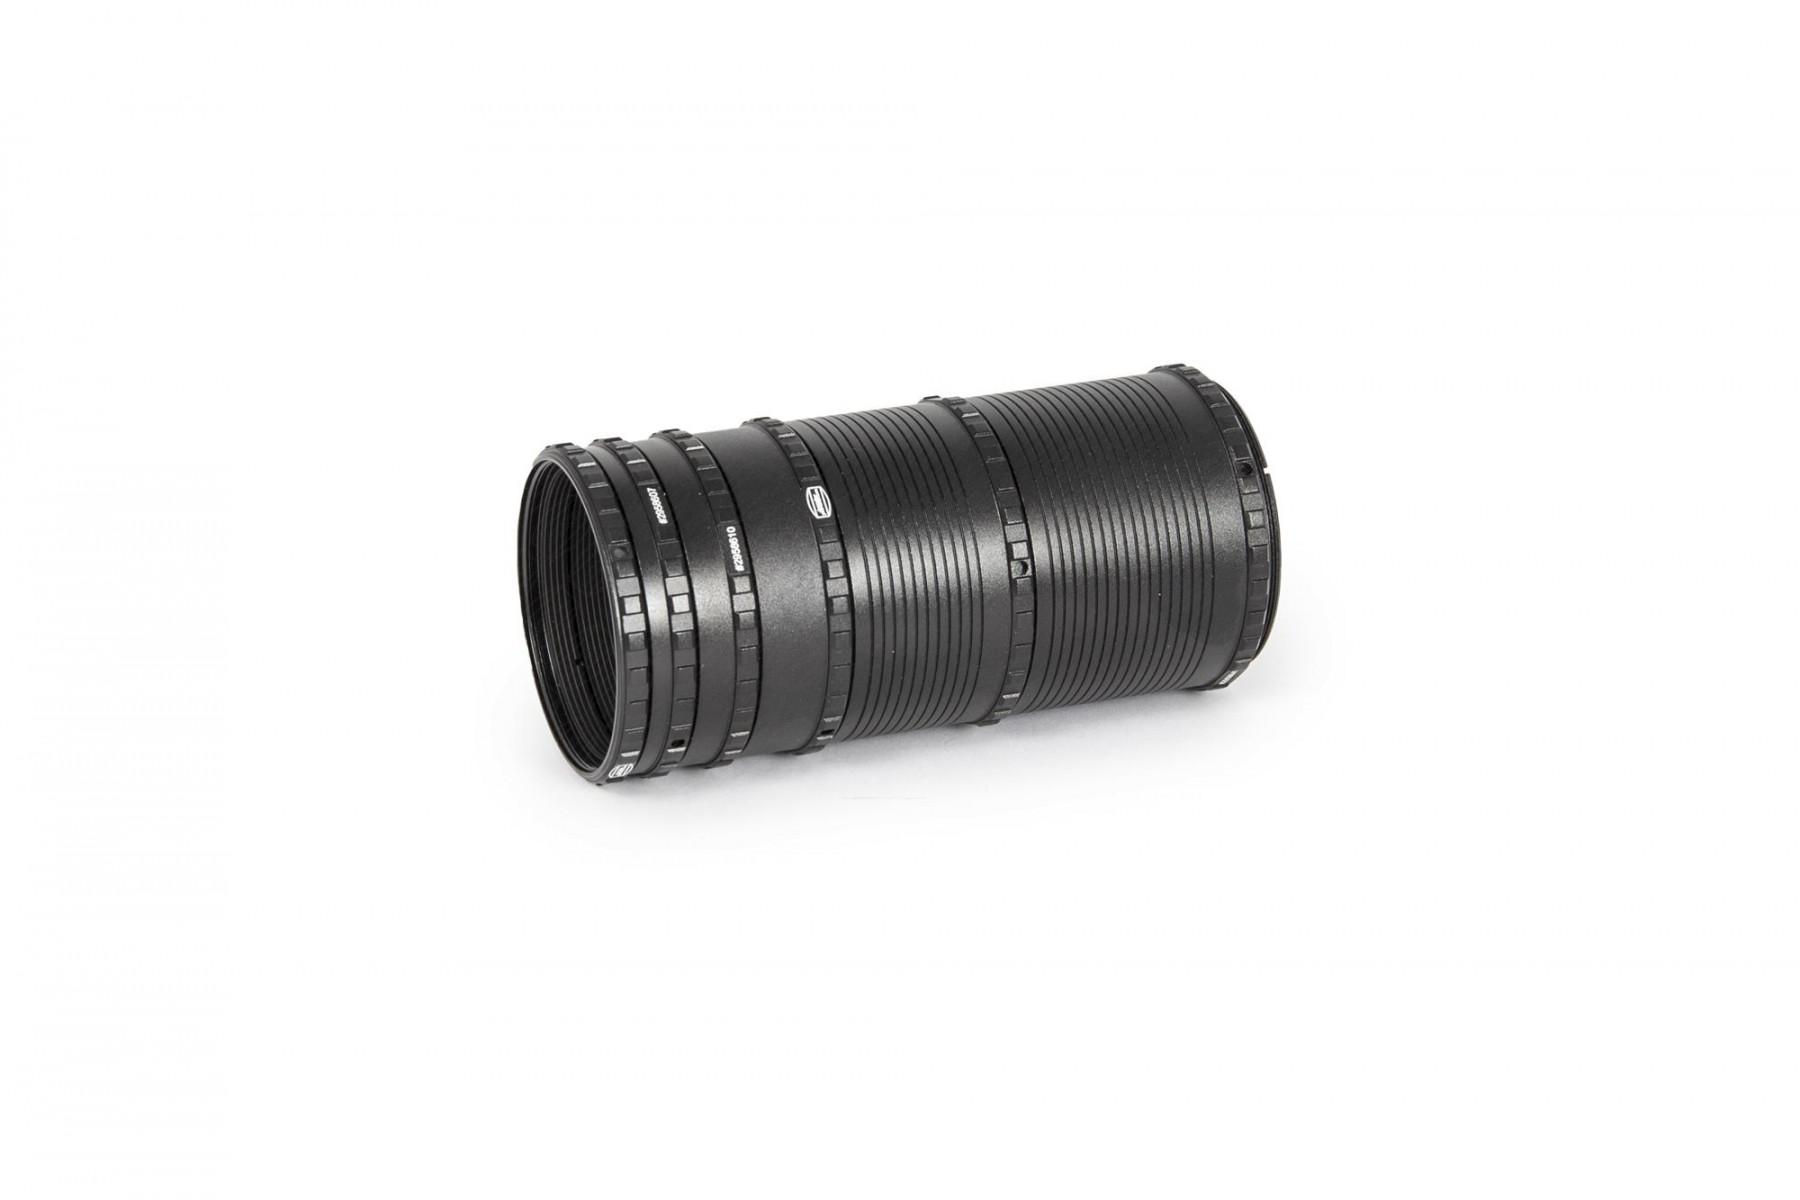 M48 Zwischenringe (5 mm, 7,5 mm, 10 mm, 15 mm, 30mm, 40 mm)